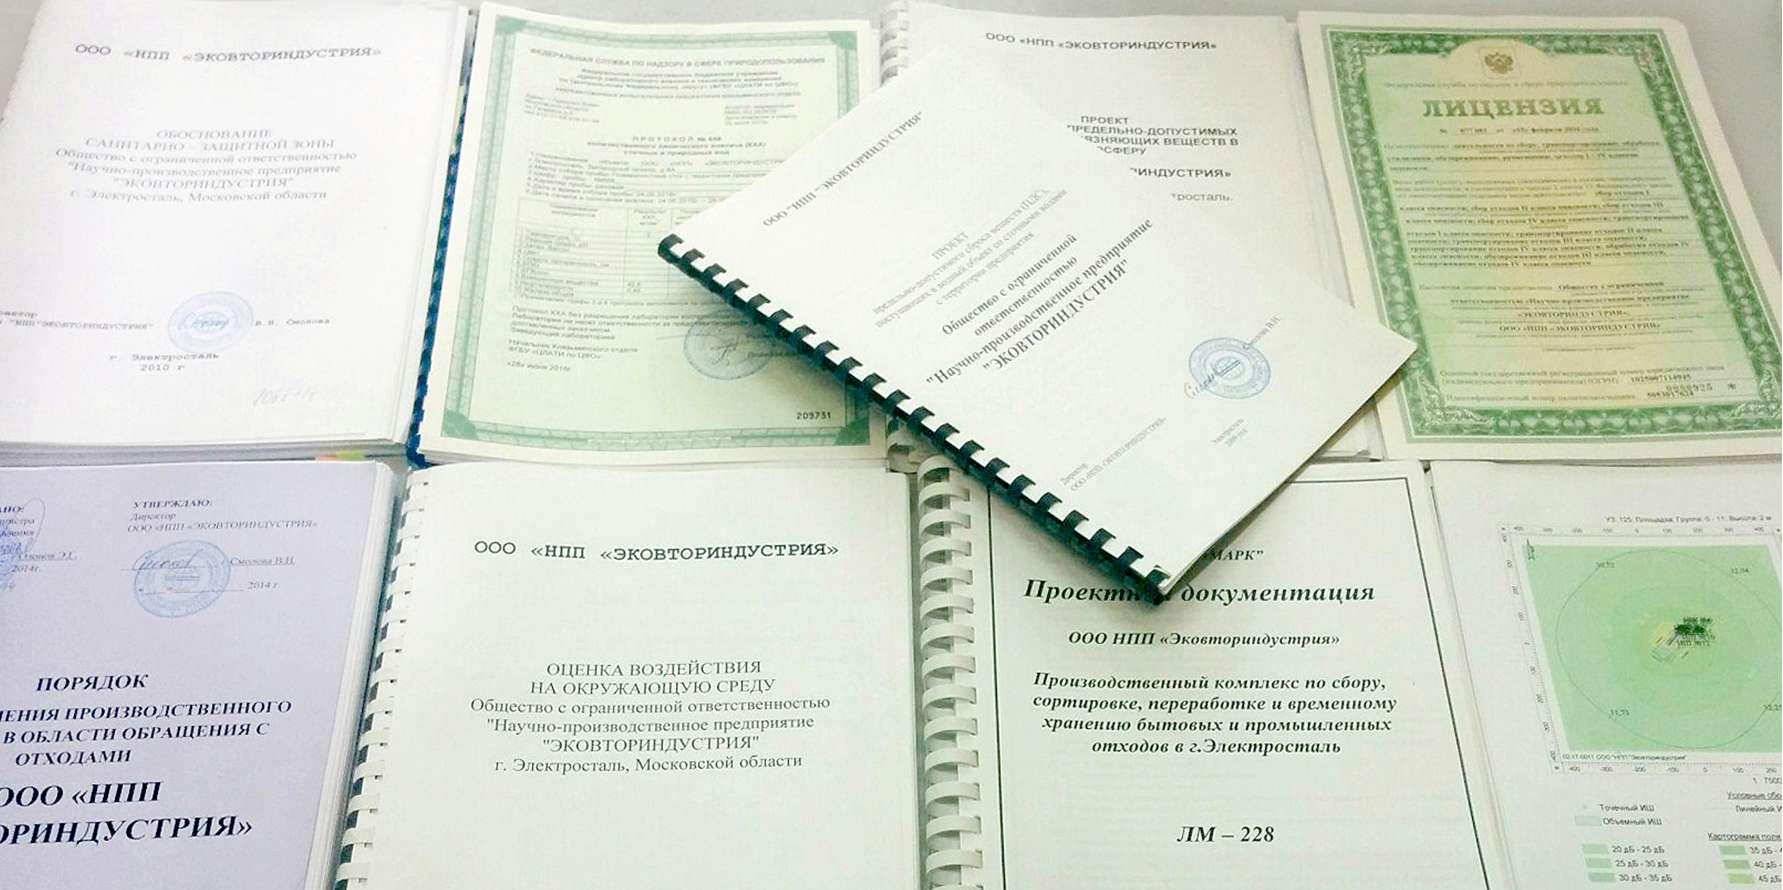 Разработка экологической документации